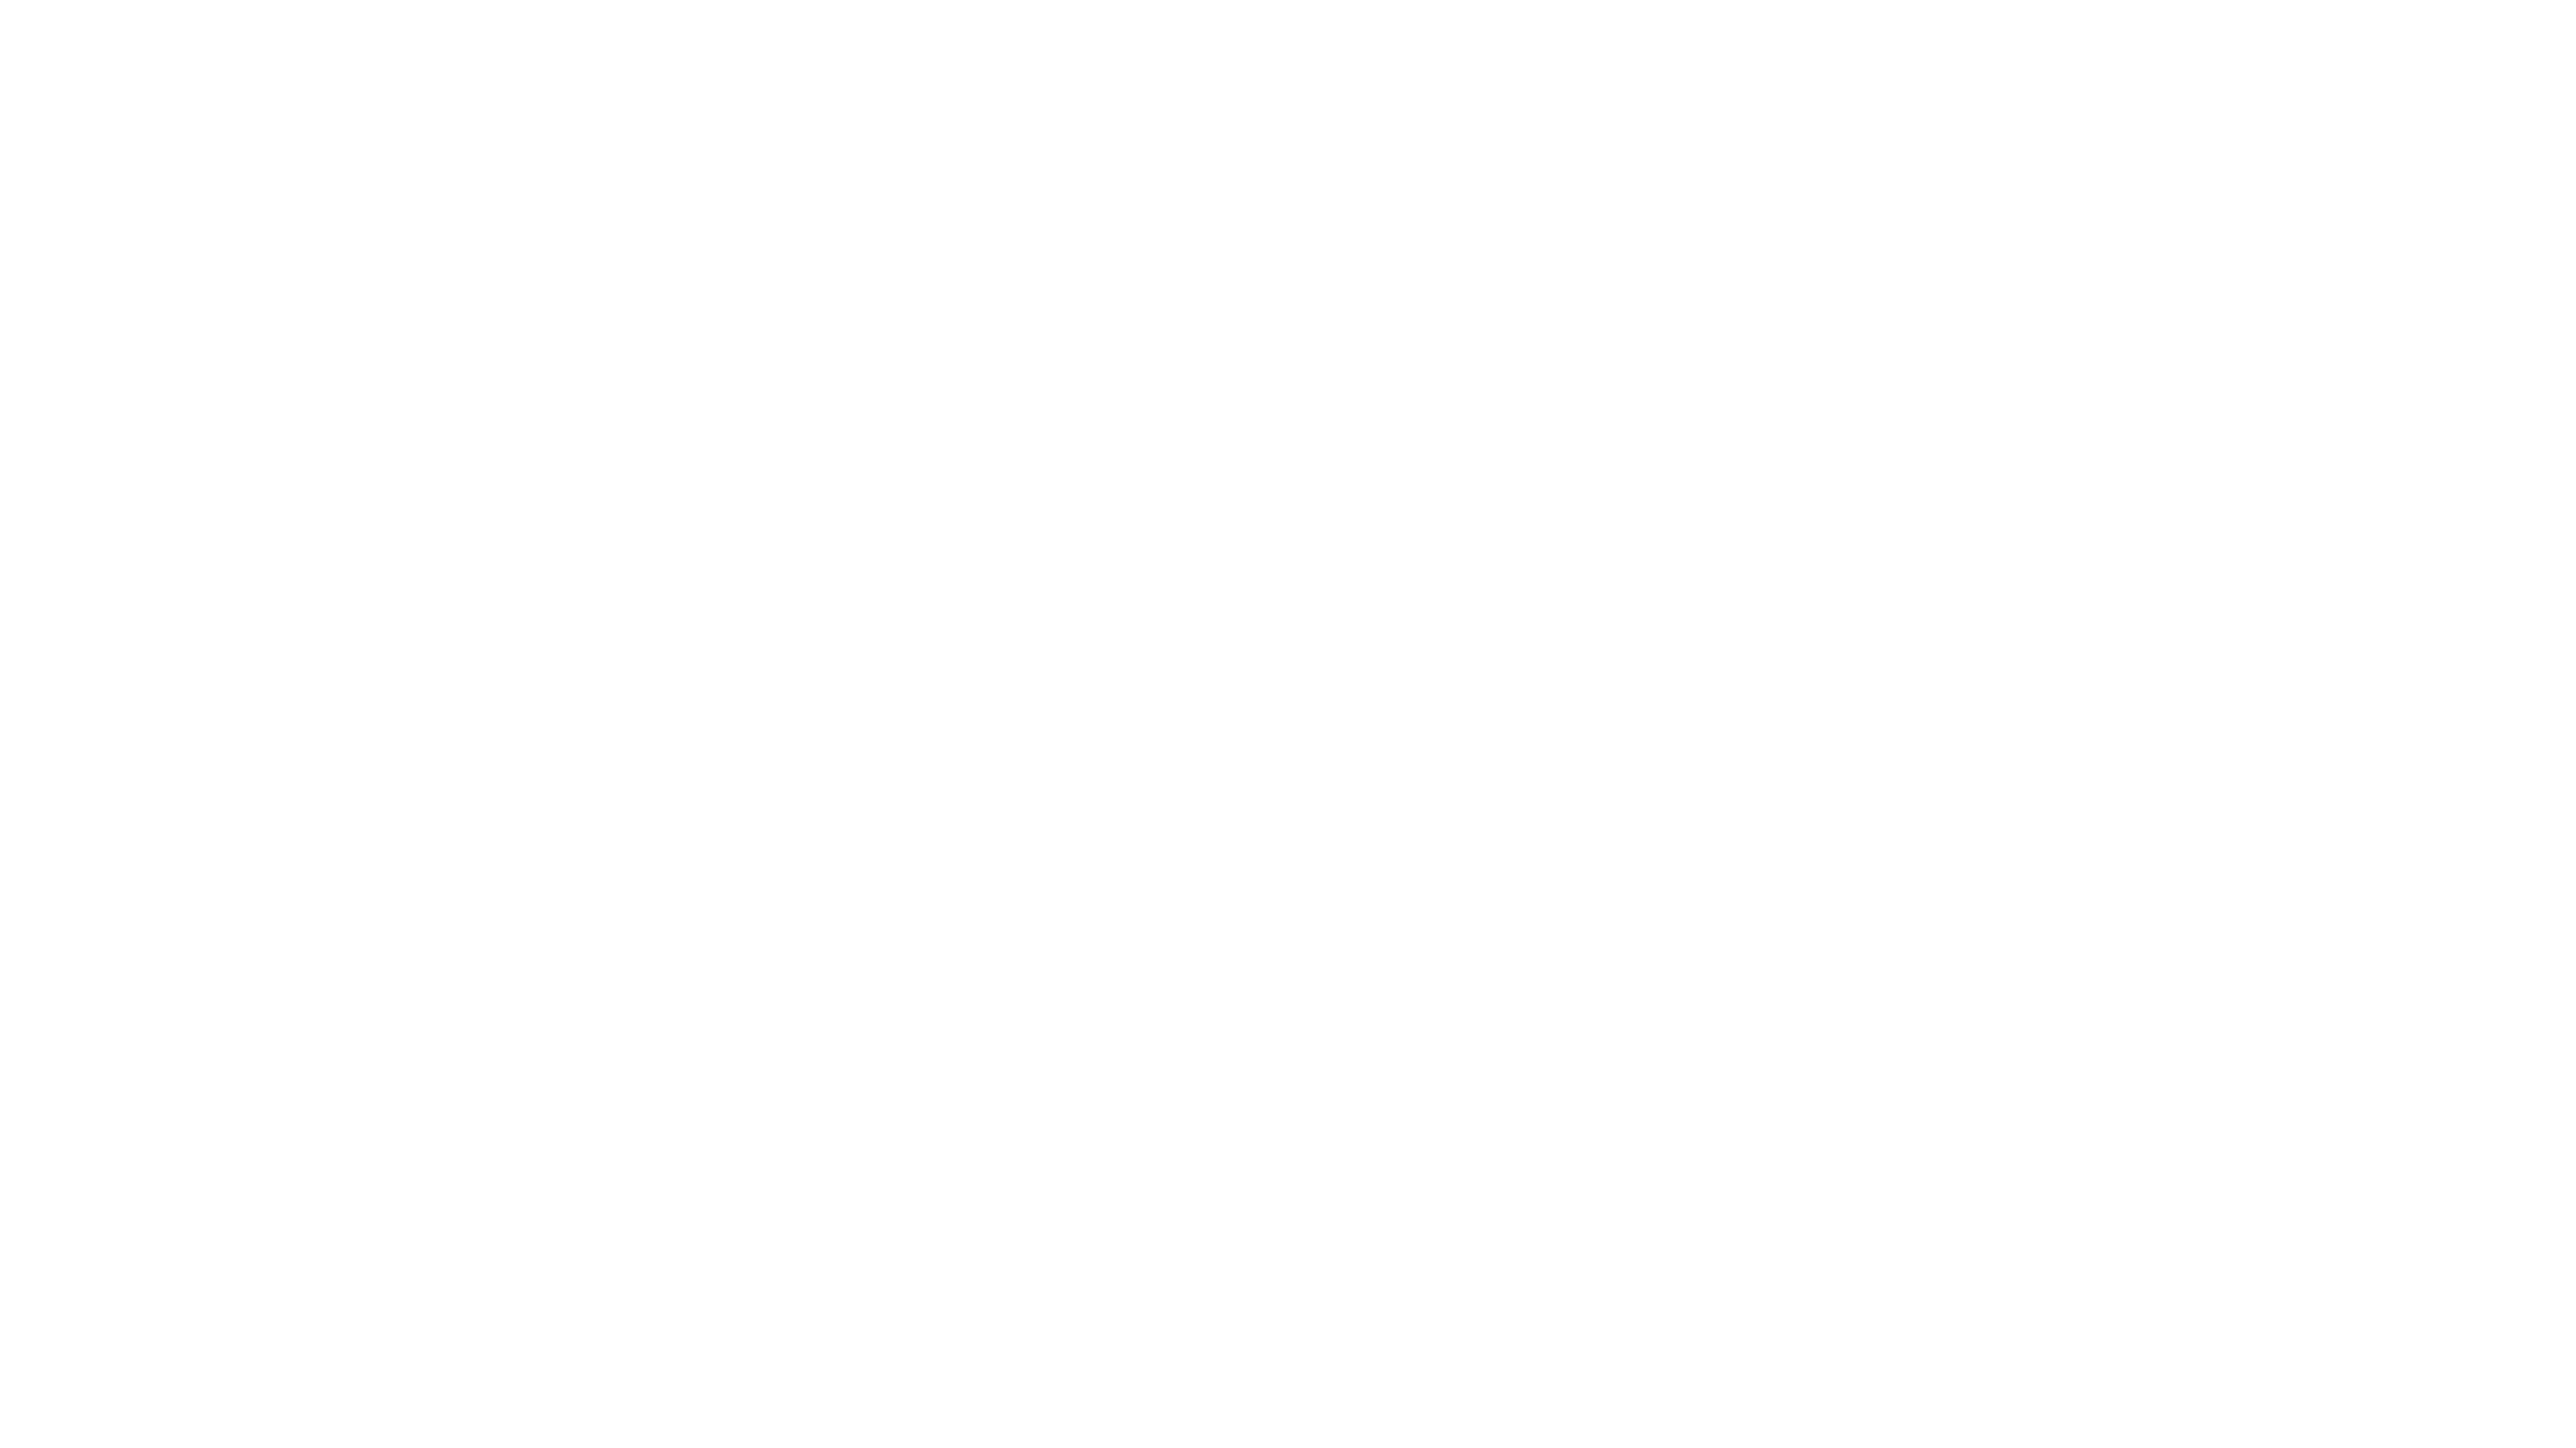 Veracruz te quiero